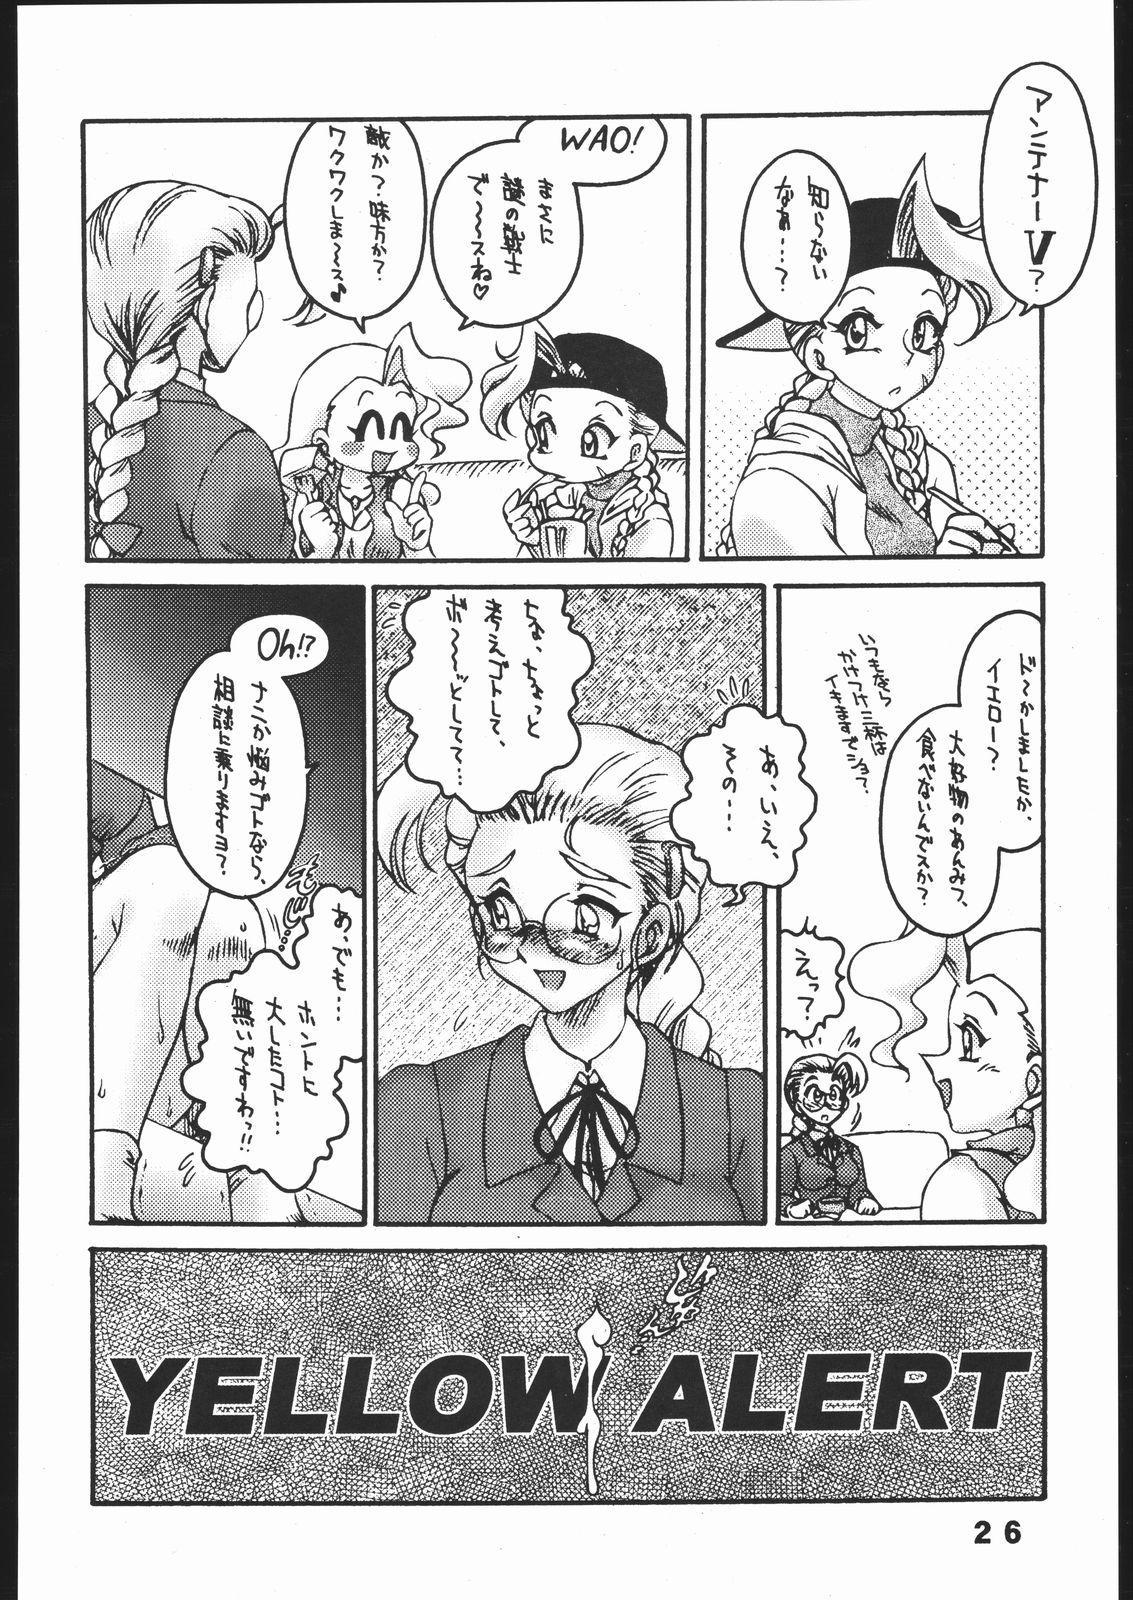 Nousatsu Sentai Blonde Antennas 2 - Yellow Alert 24